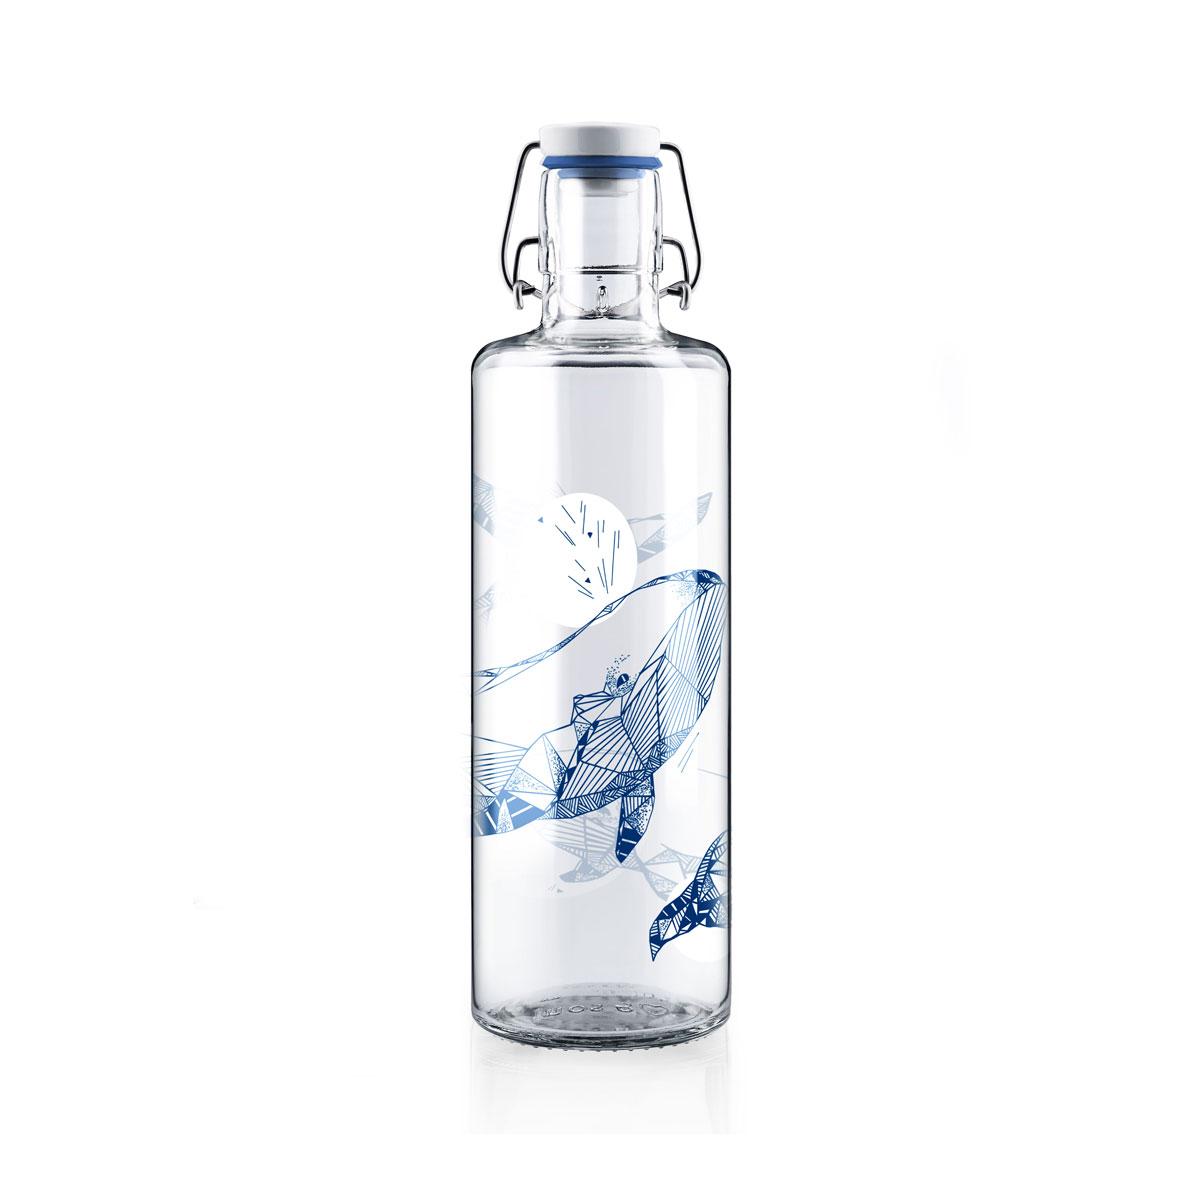 soulbottle souldiver 1 liter trinkflasche aus glas von soulbottles. Black Bedroom Furniture Sets. Home Design Ideas